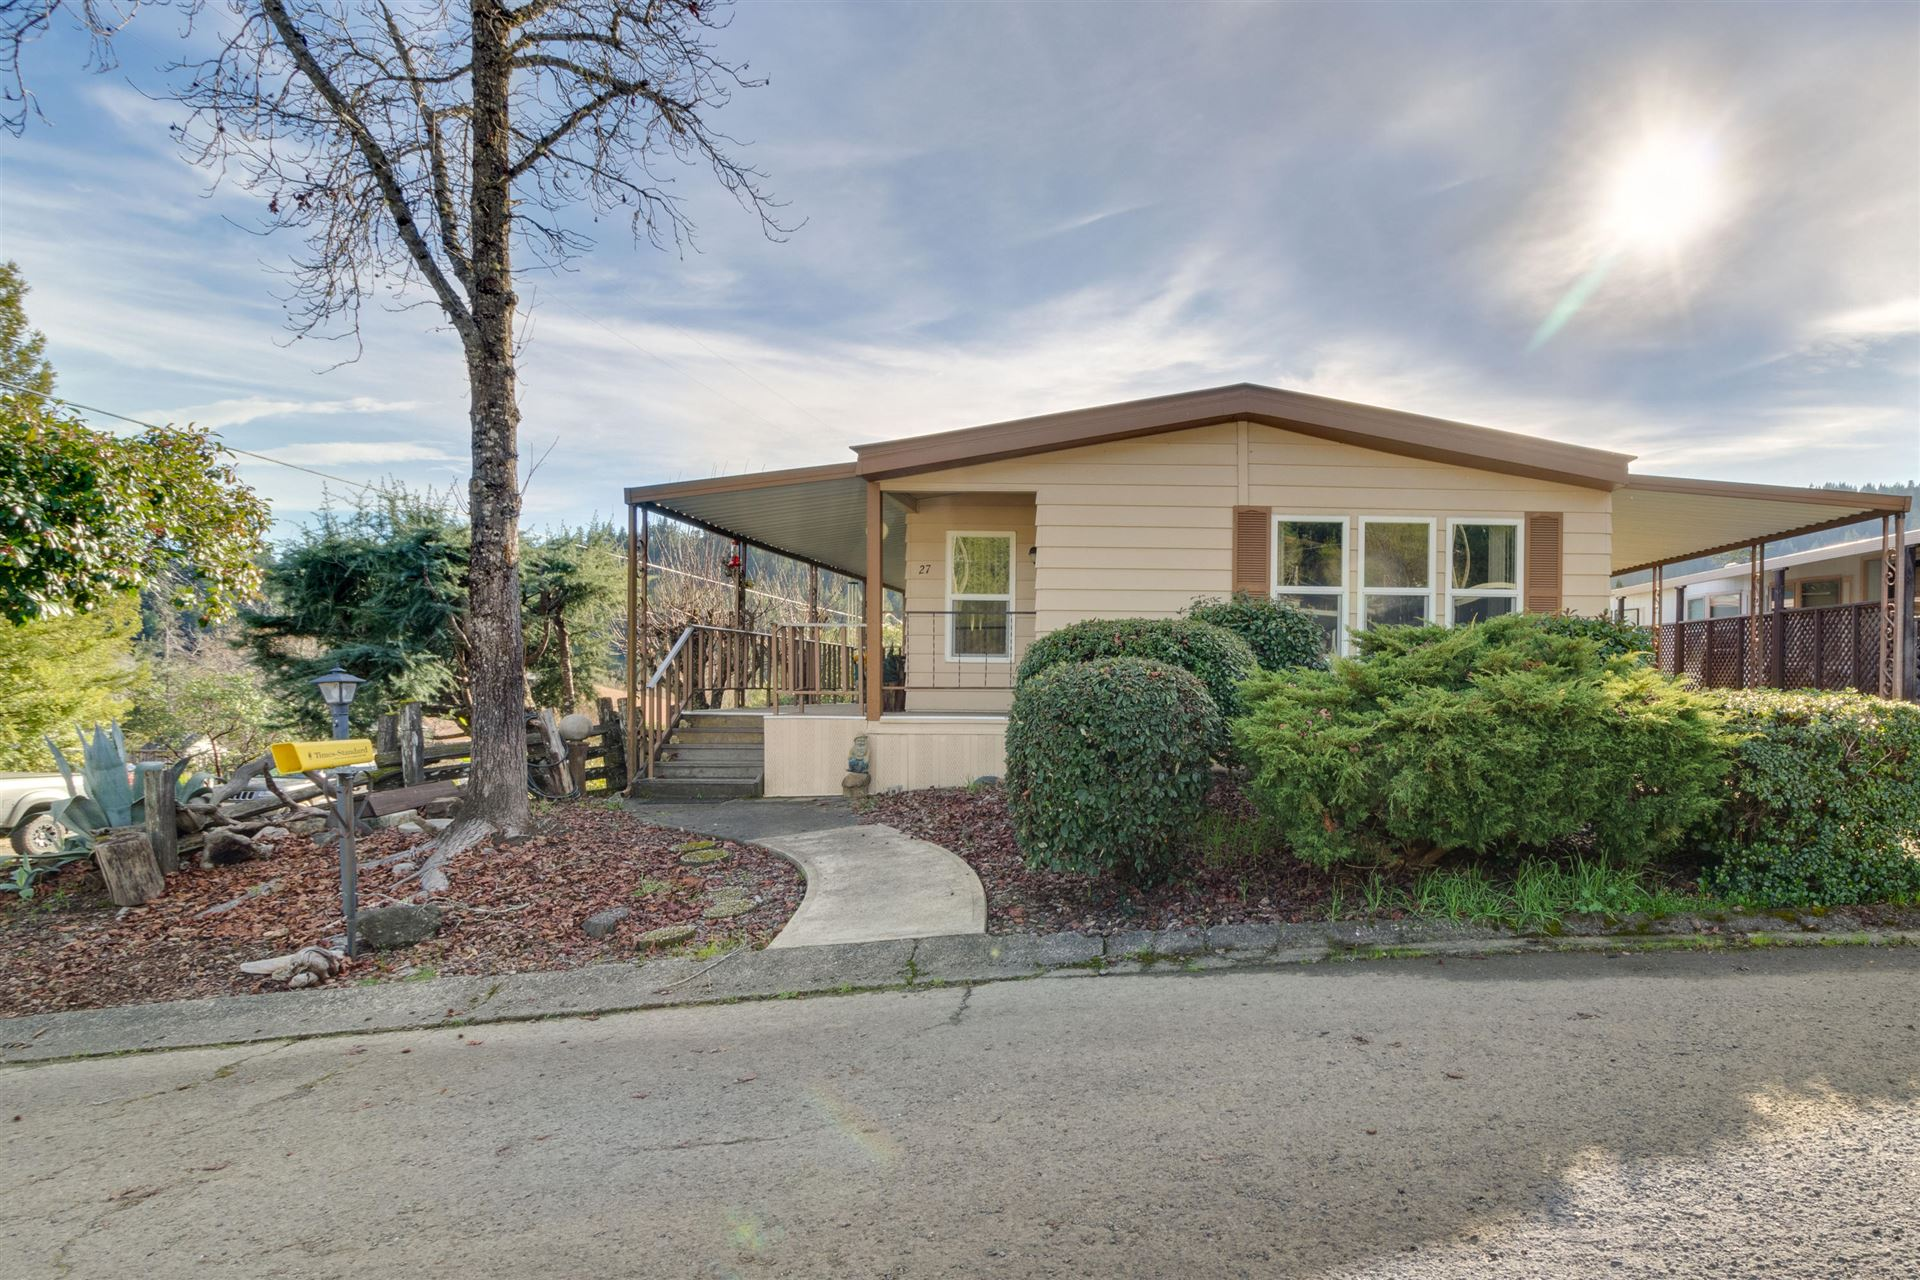 146 West Coast Road, Redway, CA 95560 - MLS#: 255848